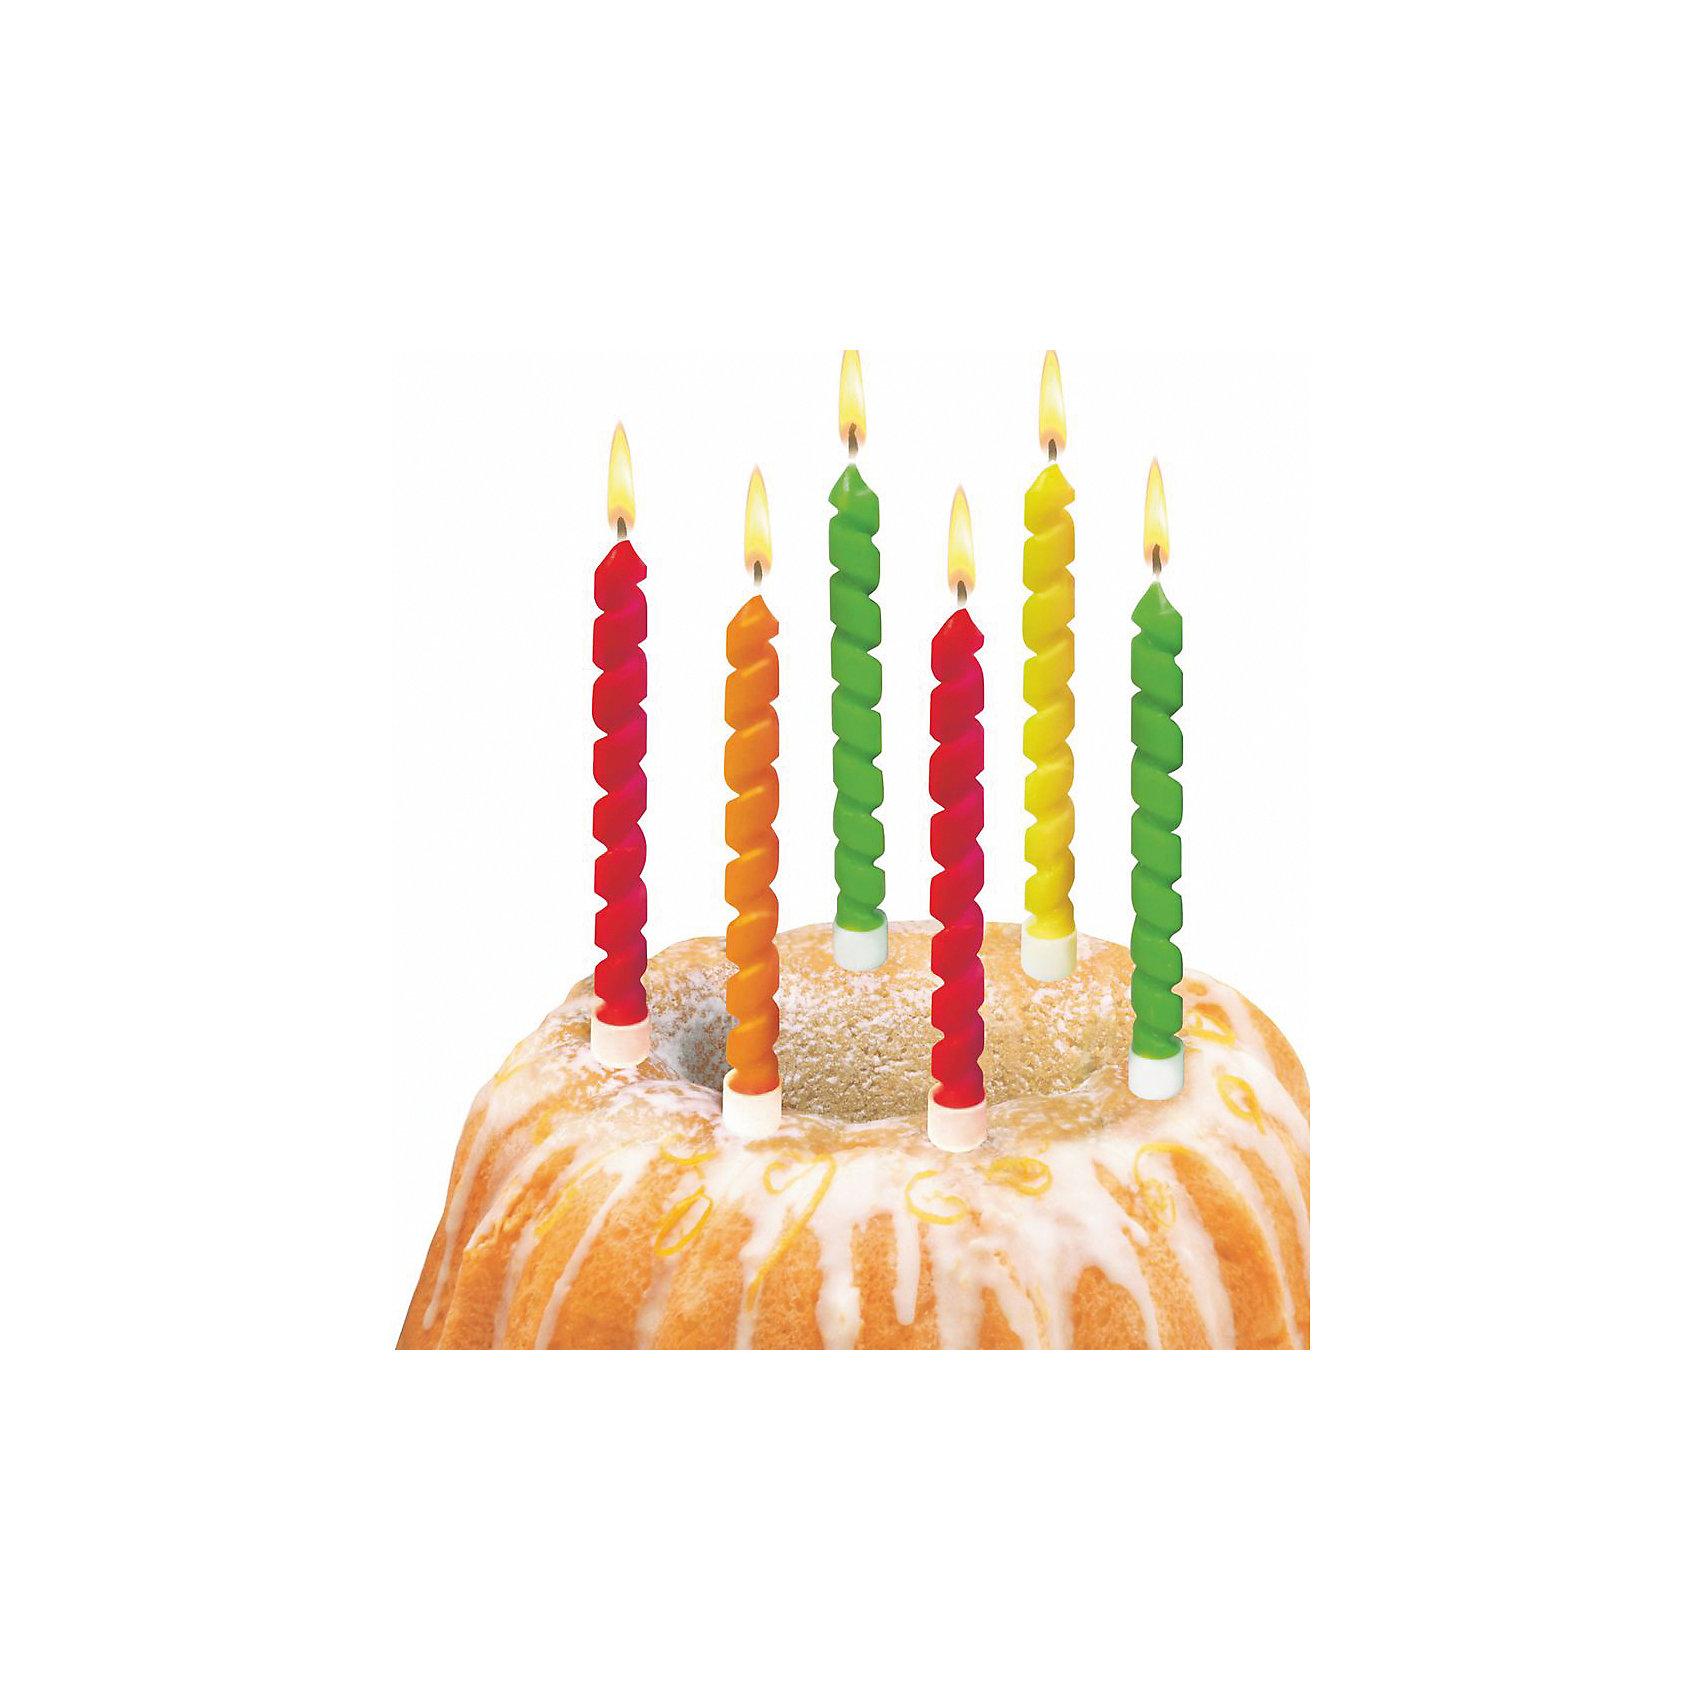 Свечи для торта Twister, 6 шт, блистерВсё для праздника<br>Характеристики товара:<br><br>• возраст: от 3 лет<br>• цвет: мульти<br>• размер упаковки: 17х2х20 см<br>• на подсвечниках<br>• комплектация: 6 шт<br>• вес: 50 г<br>• страна бренда: Германия<br>• страна изготовитель: Германия<br><br>Ну что праздник без торта? А что за торт без свечек? Яркие свечи Herlitz для торта создадут атмосферу праздника и подарят массу положительных эмоций.<br><br>Изделие произведено из безопасного для детей материала.<br><br>Свечи для торта «Twister» 6 шт, блистер, от бренда Herlitz (Херлиц) можно купить в нашем интернет-магазине.<br><br>Ширина мм: 17<br>Глубина мм: 90<br>Высота мм: 200<br>Вес г: 50<br>Возраст от месяцев: 36<br>Возраст до месяцев: 2147483647<br>Пол: Унисекс<br>Возраст: Детский<br>SKU: 6886484